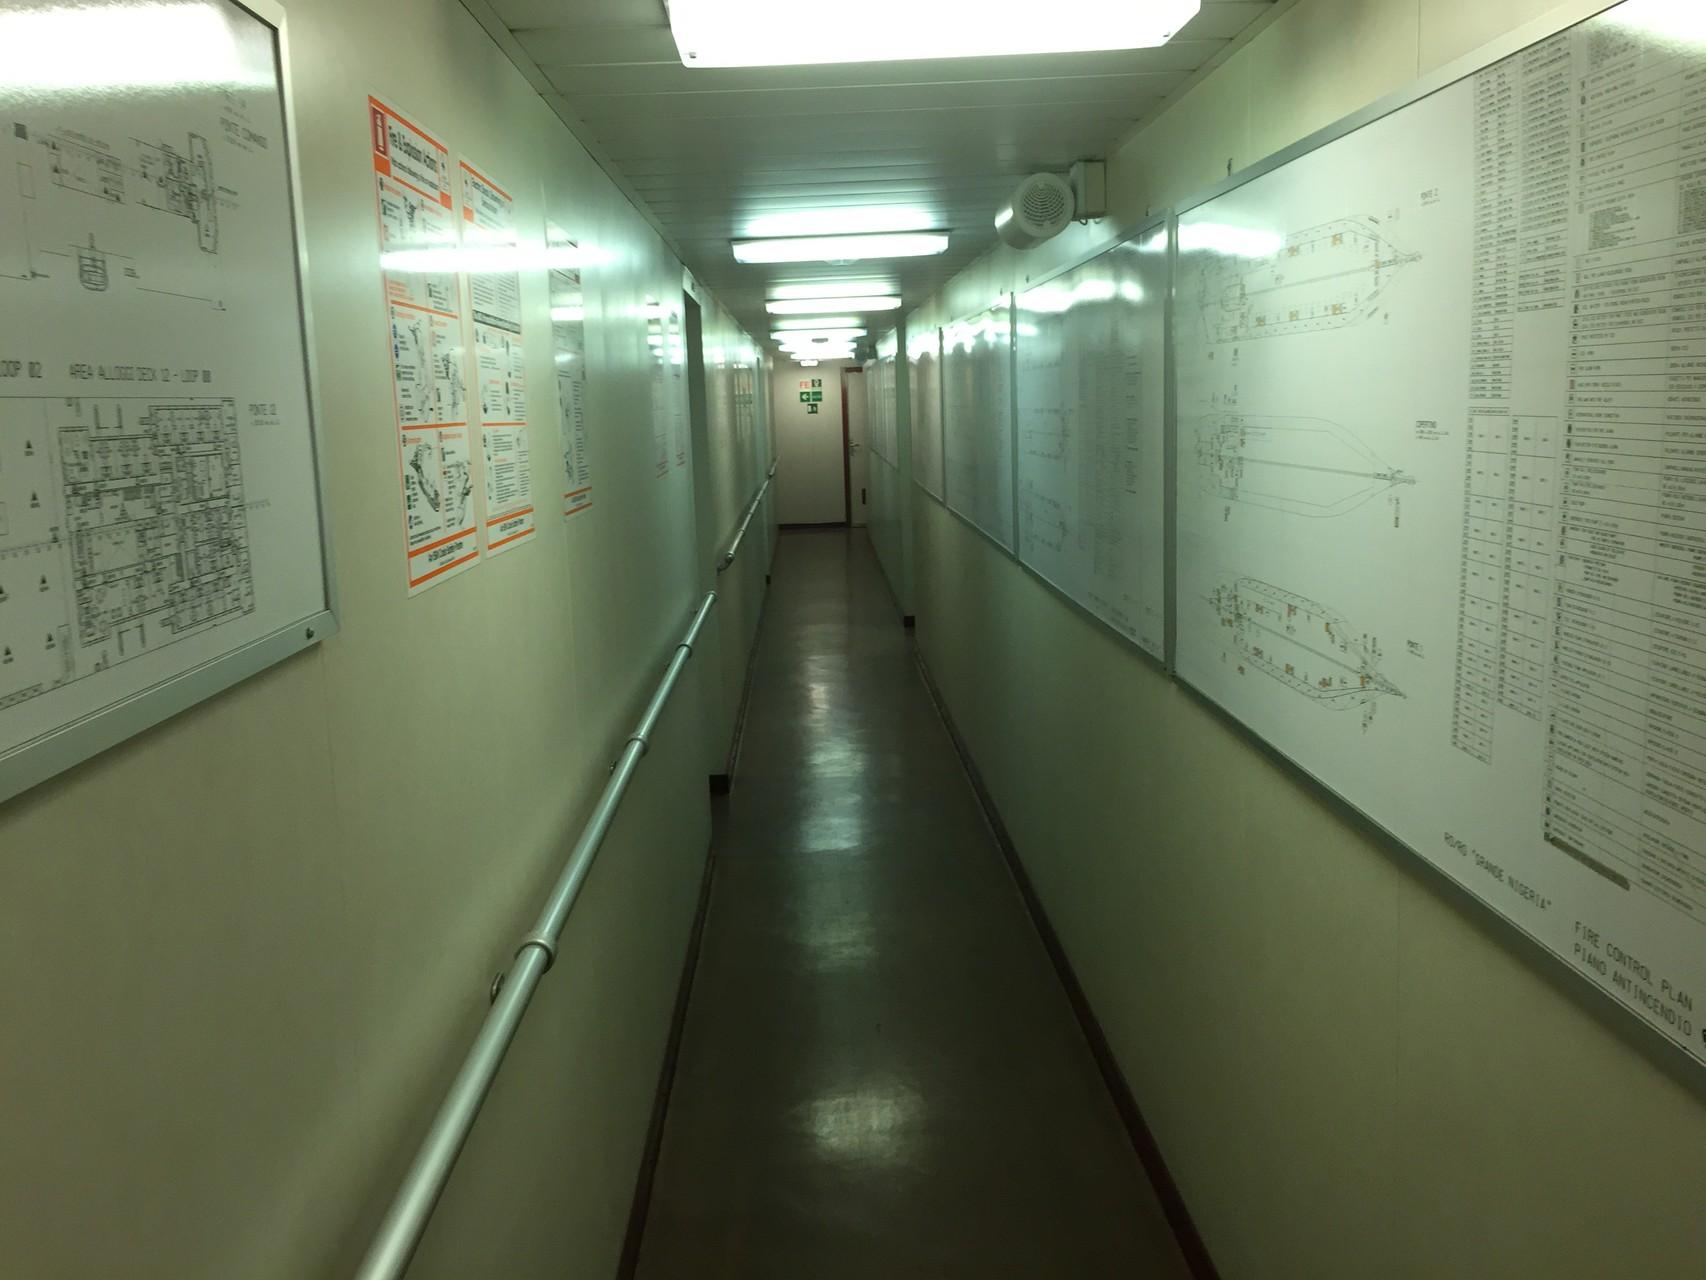 Und Korridore ohne Ende!!!!